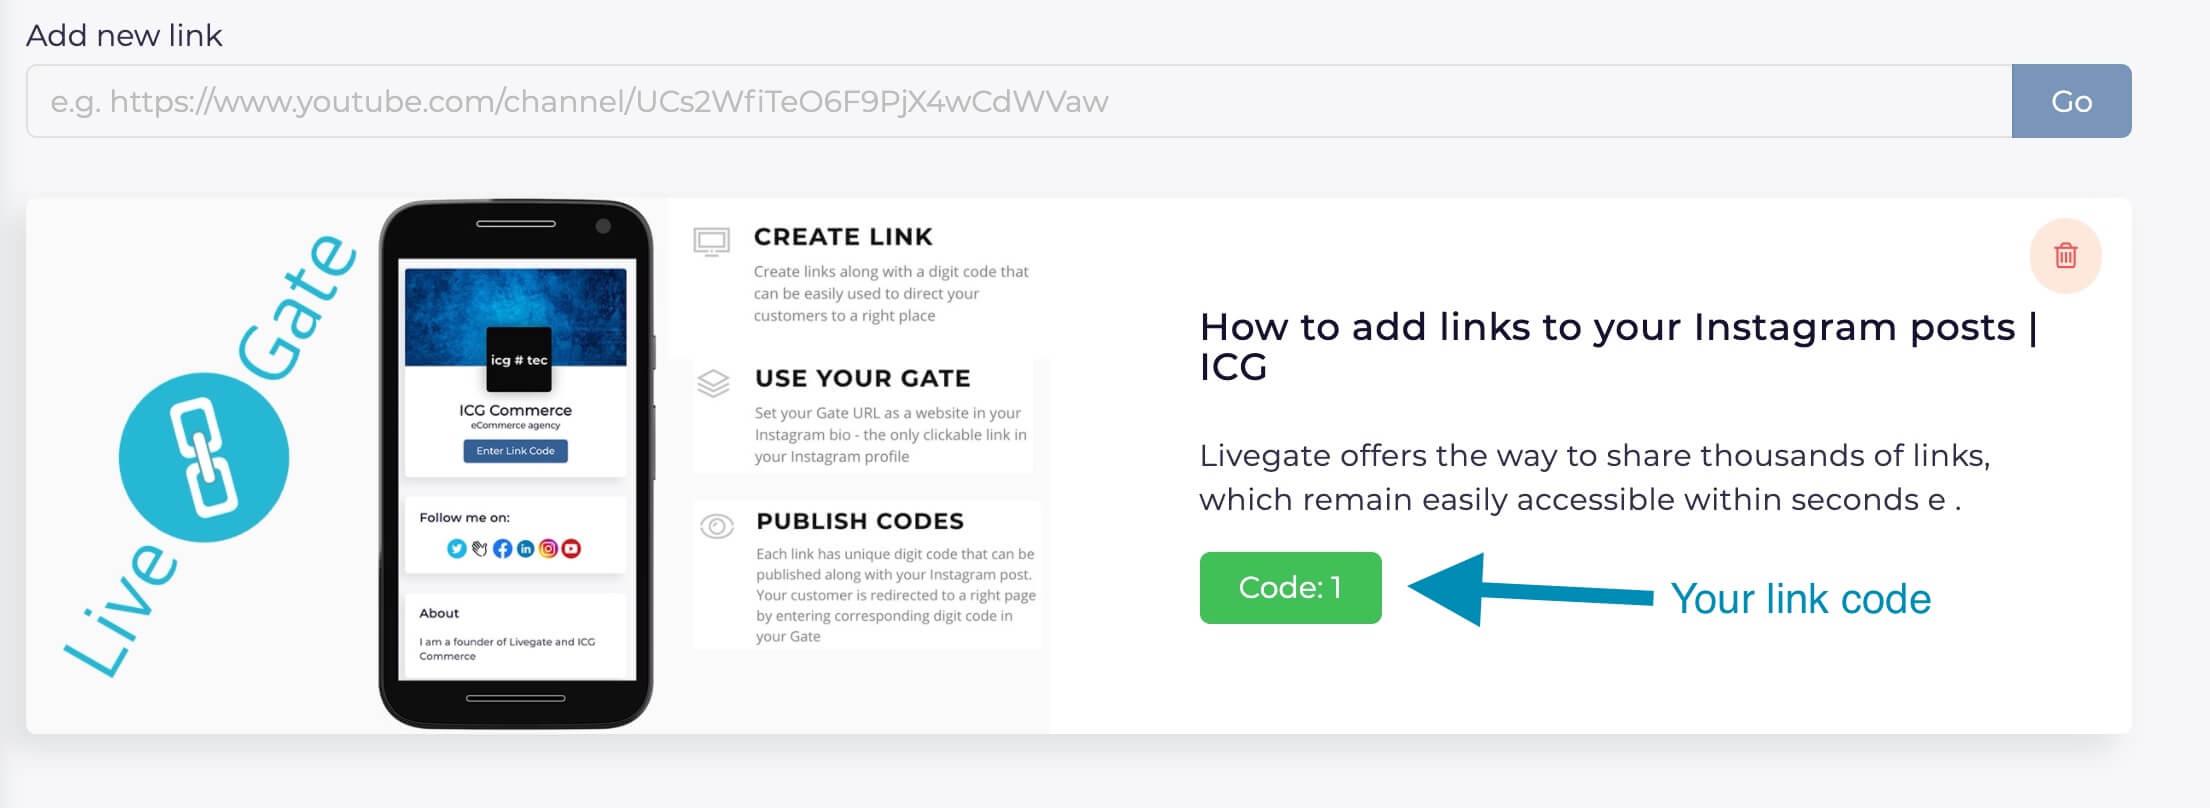 Livegate - Get link code